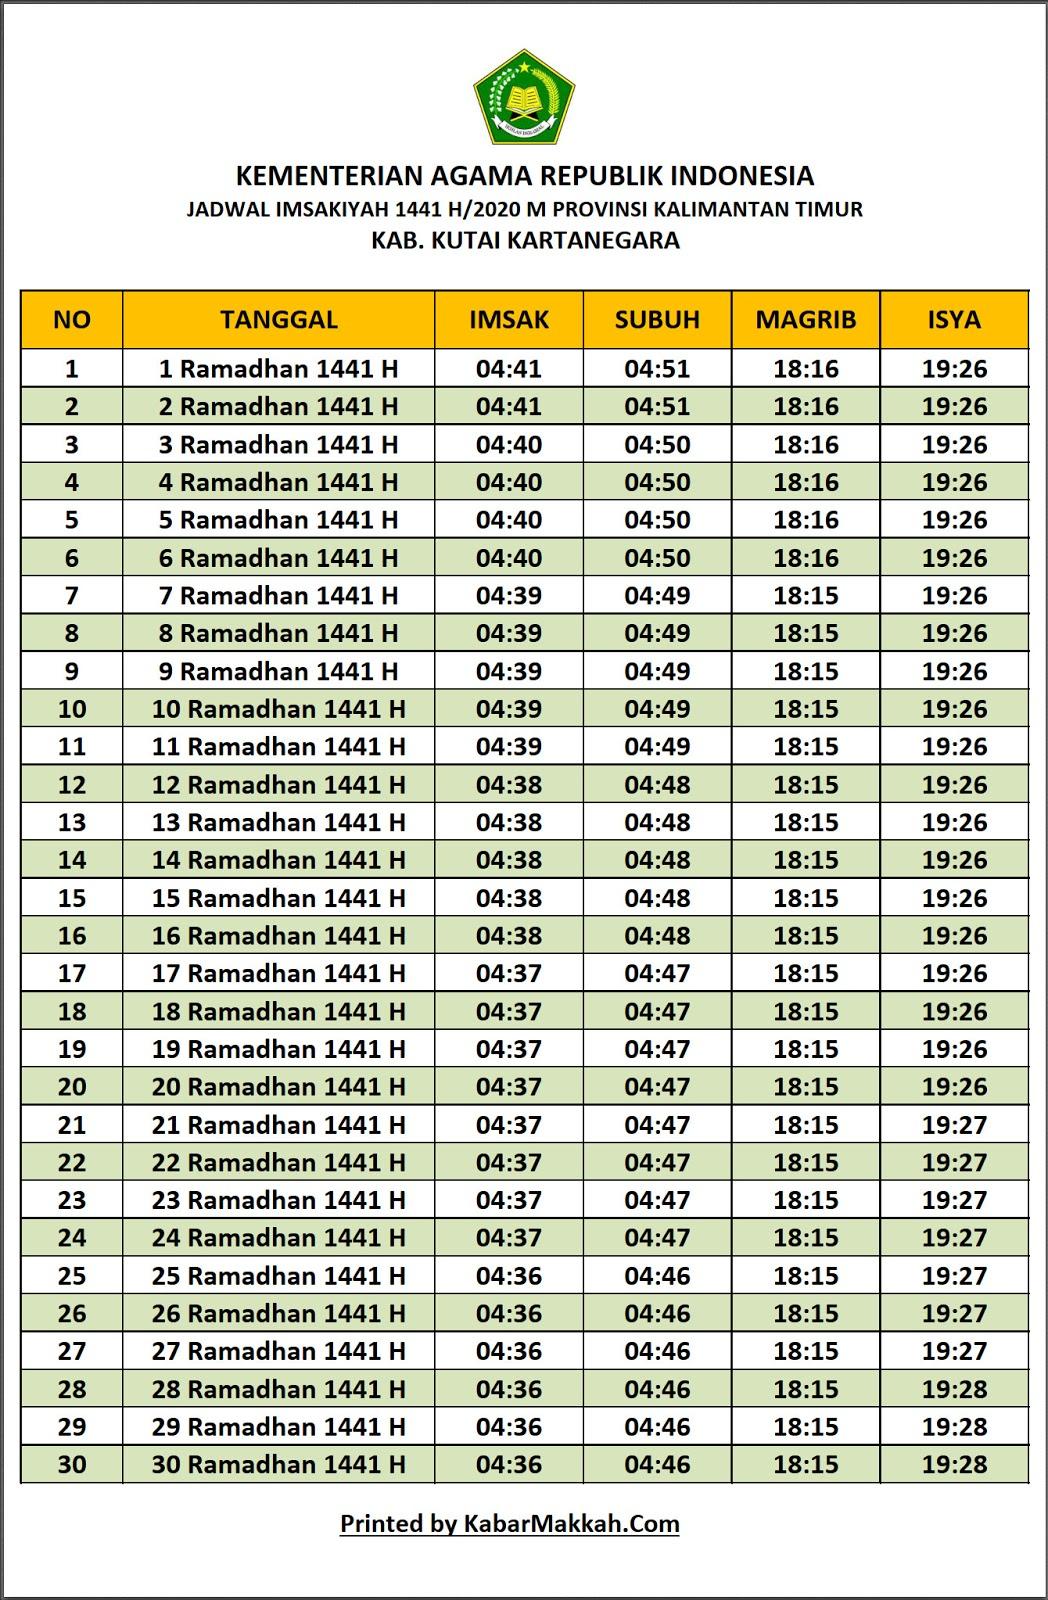 Jadwal Imsakiyah Kutai Kertanegara 2020